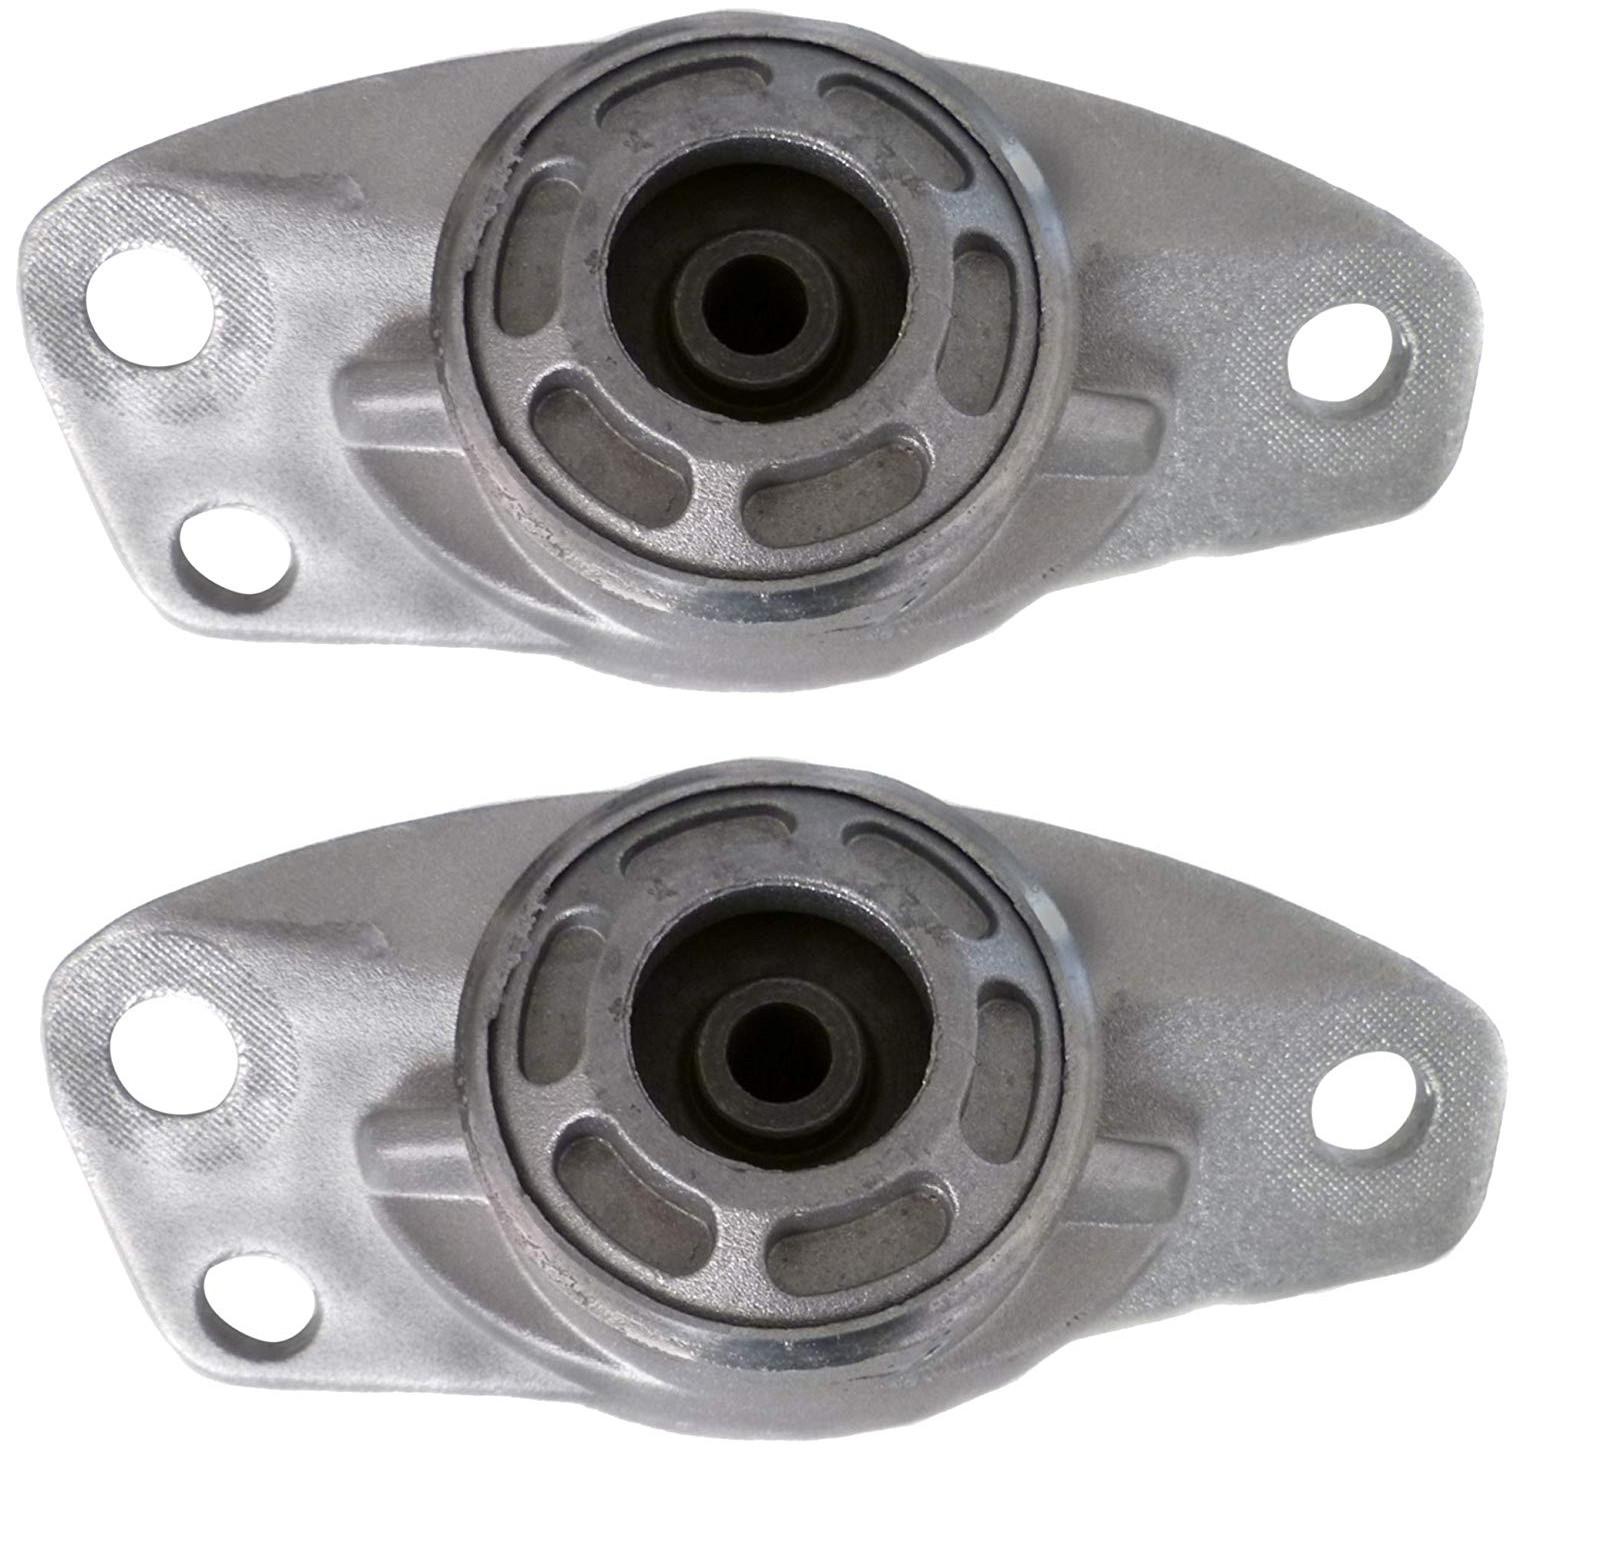 1000x miroir remorque roue//écrous de roue 20-100km suive